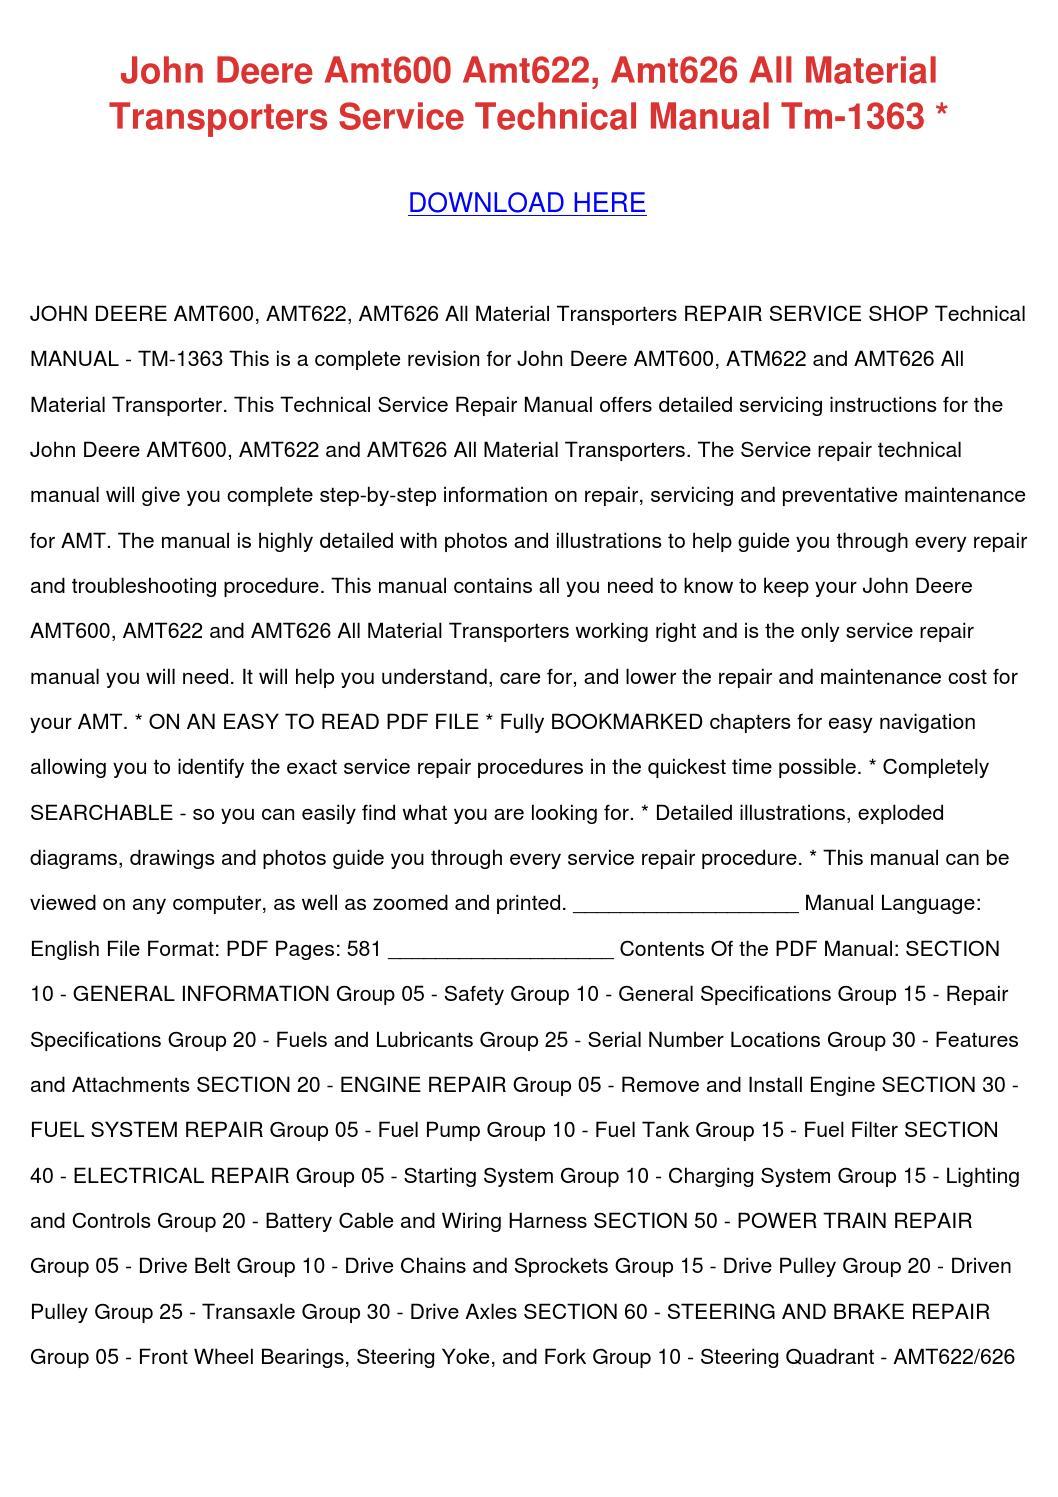 John Deere Amt 626 Manual 600 Wiring Diagram